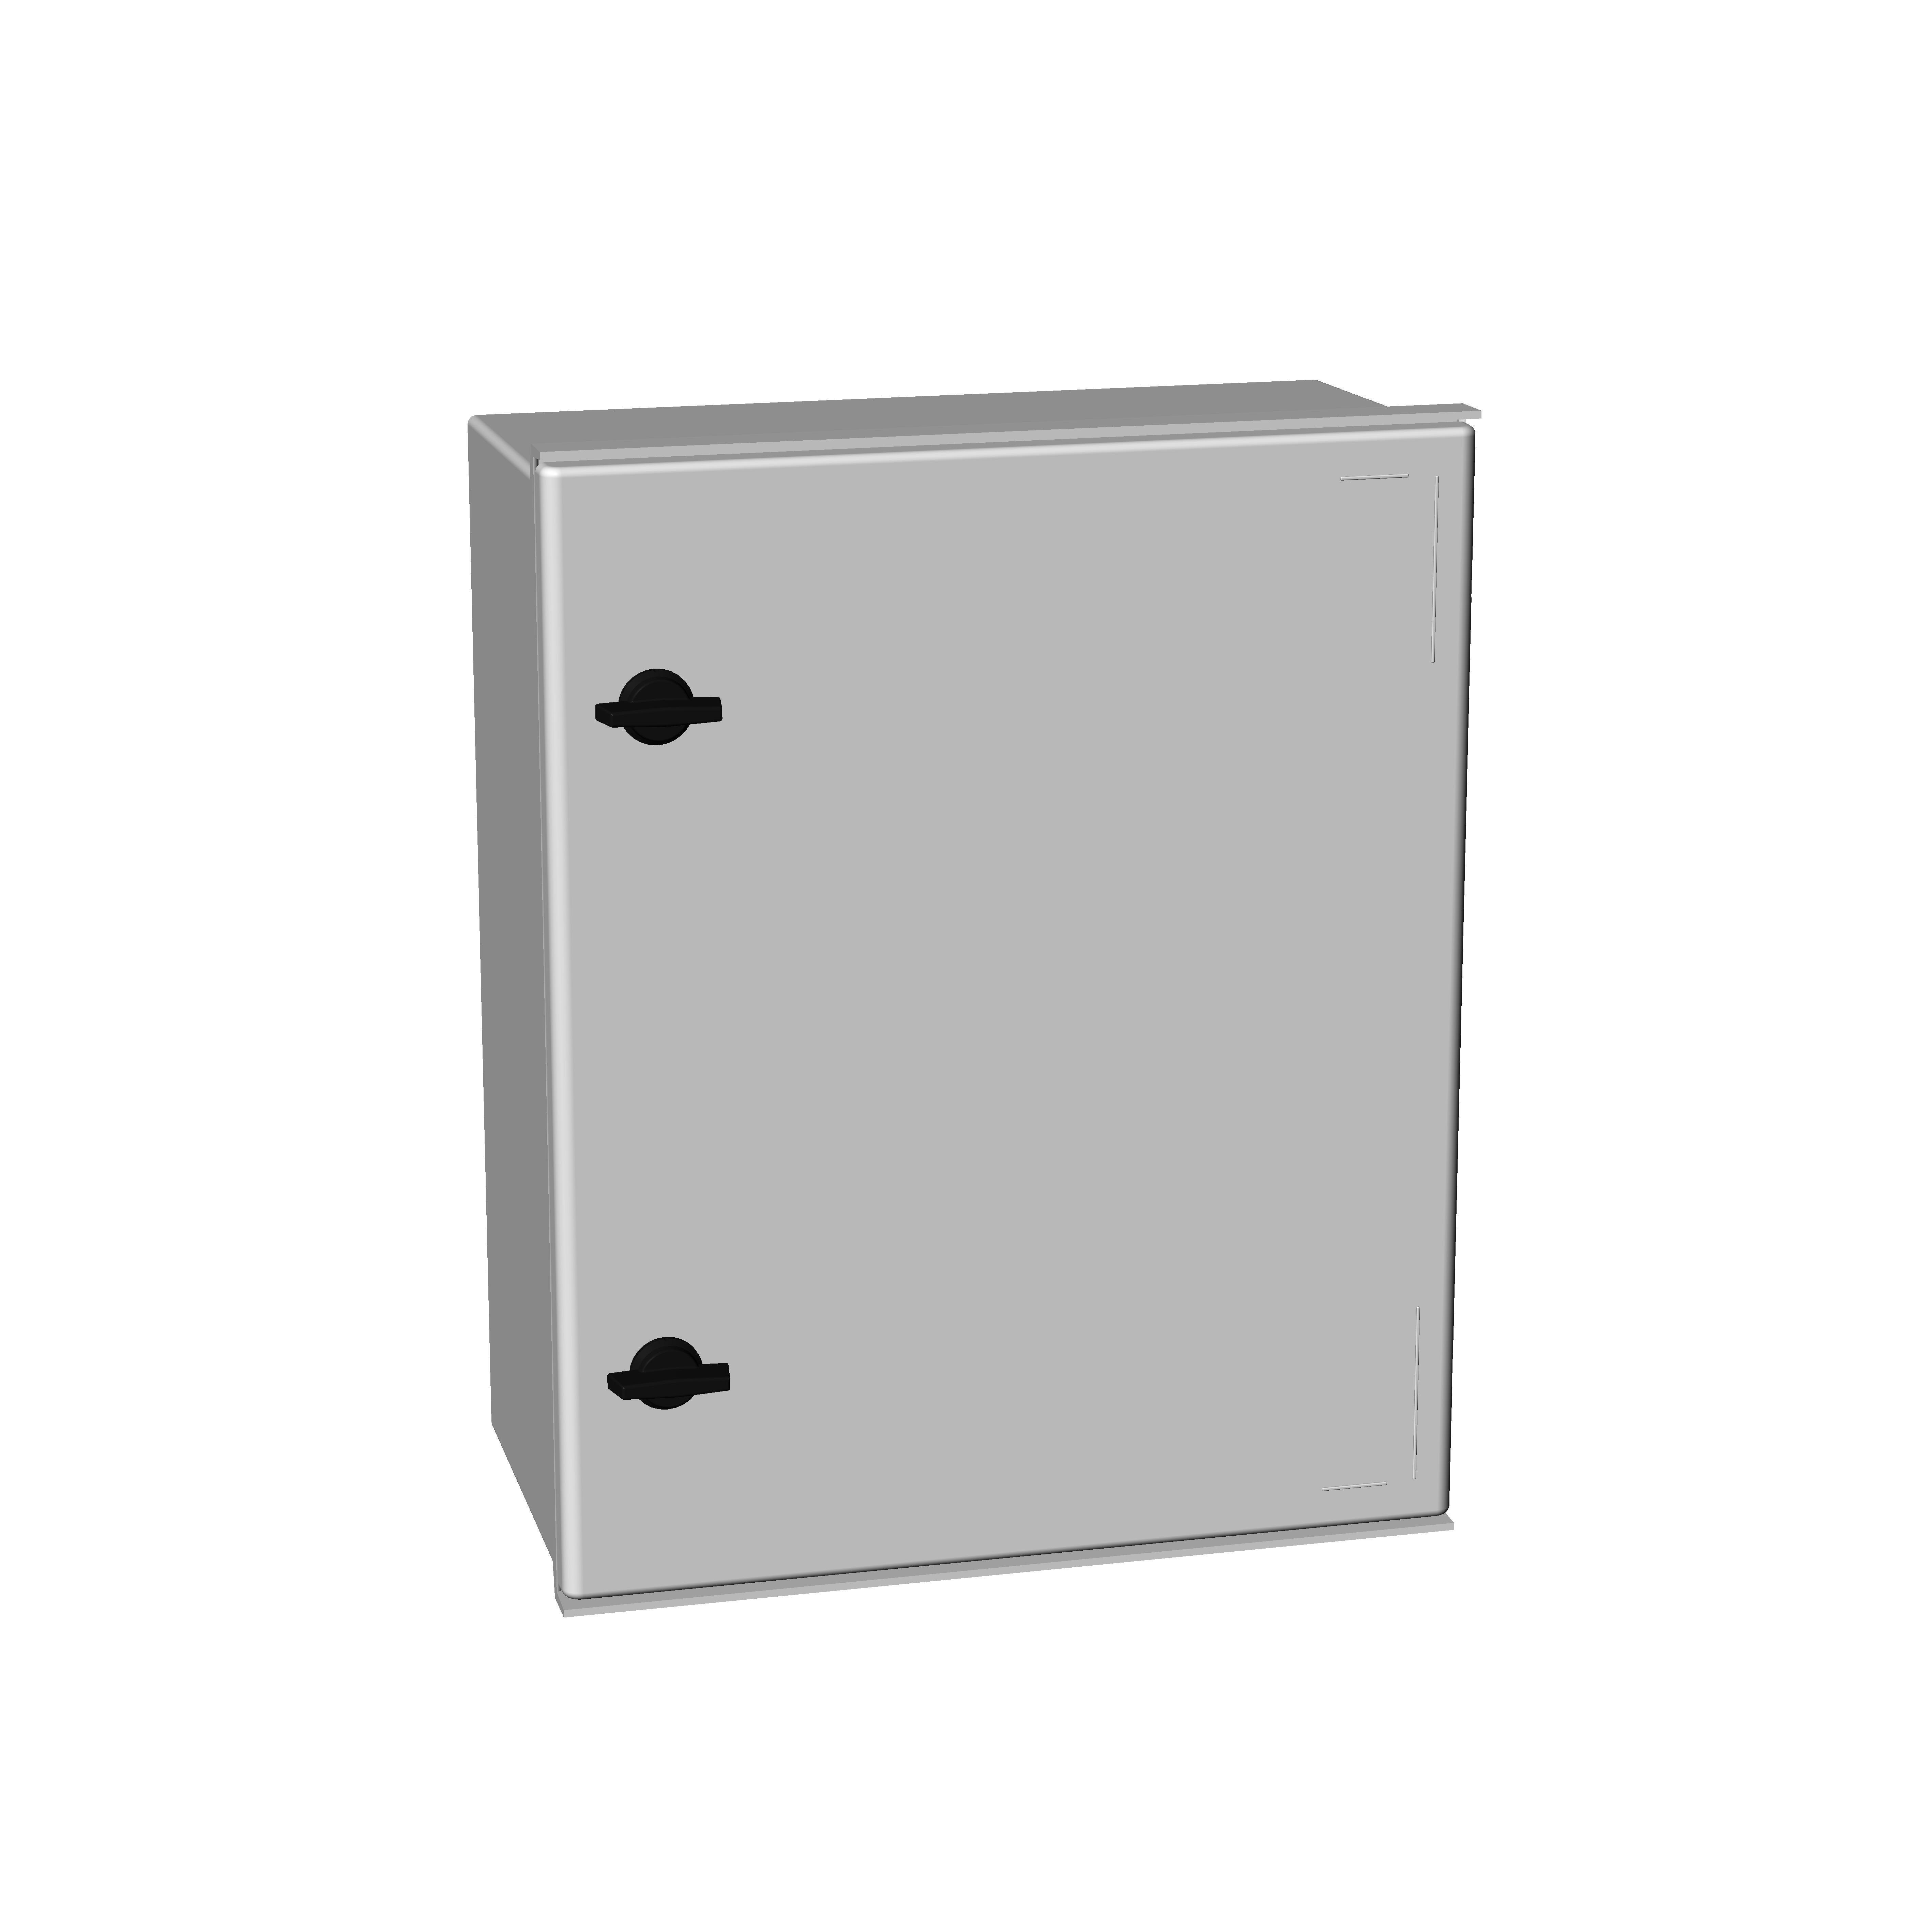 1 Stk Polyester-Wandschrank MINI 500x400x200mm IM008854--